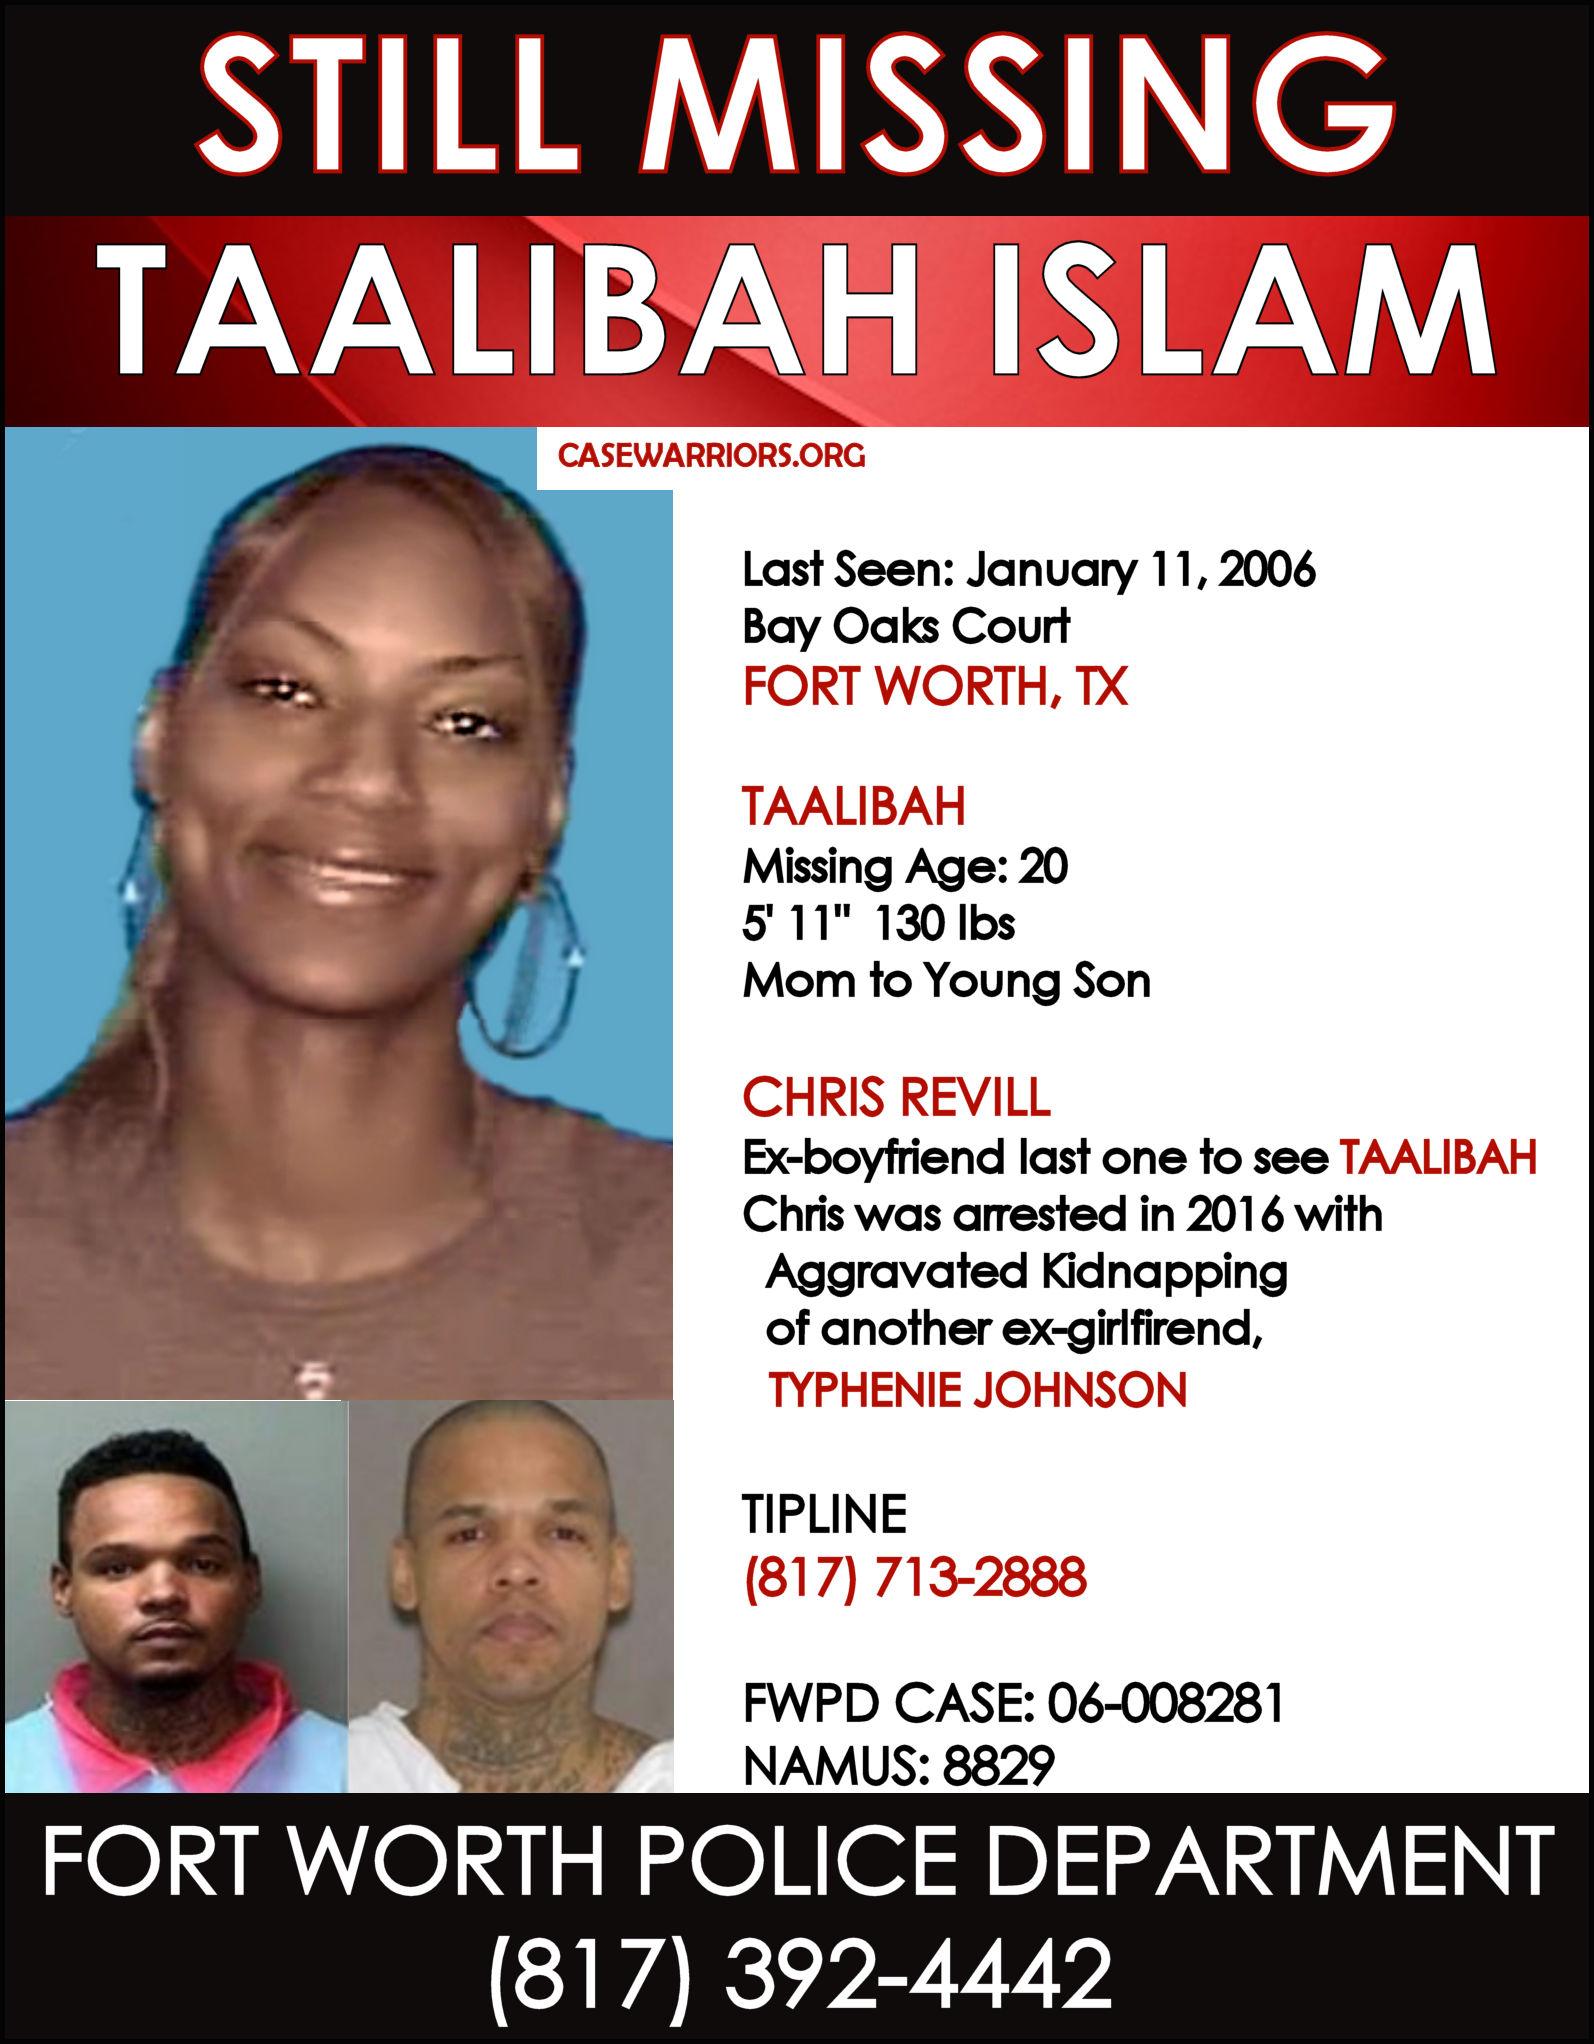 TAALIBAH ISLAM